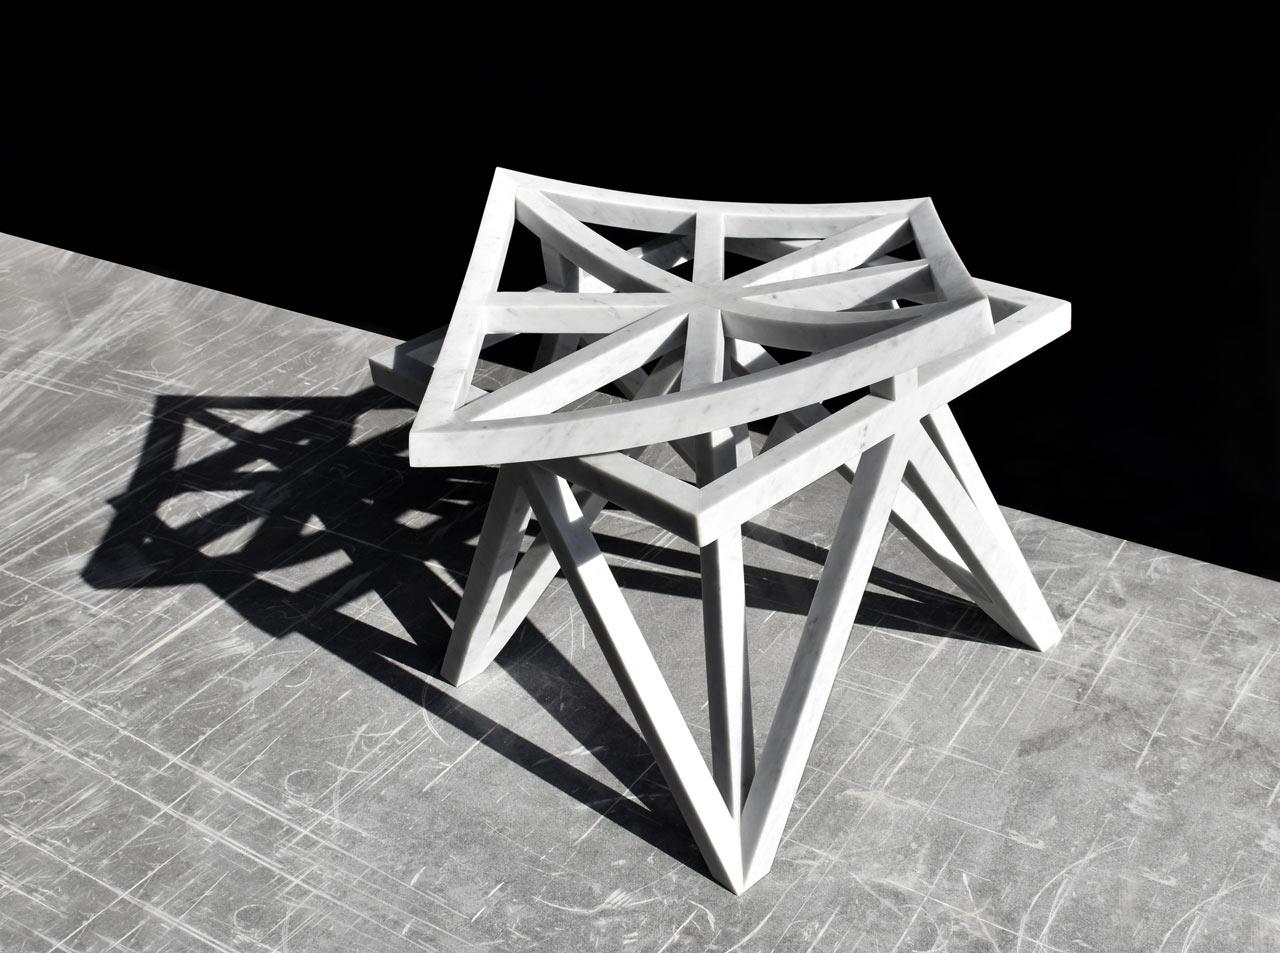 furniture motifs. Geometric Furniture Inspired By Arabesque Patterns Furniture Motifs 0